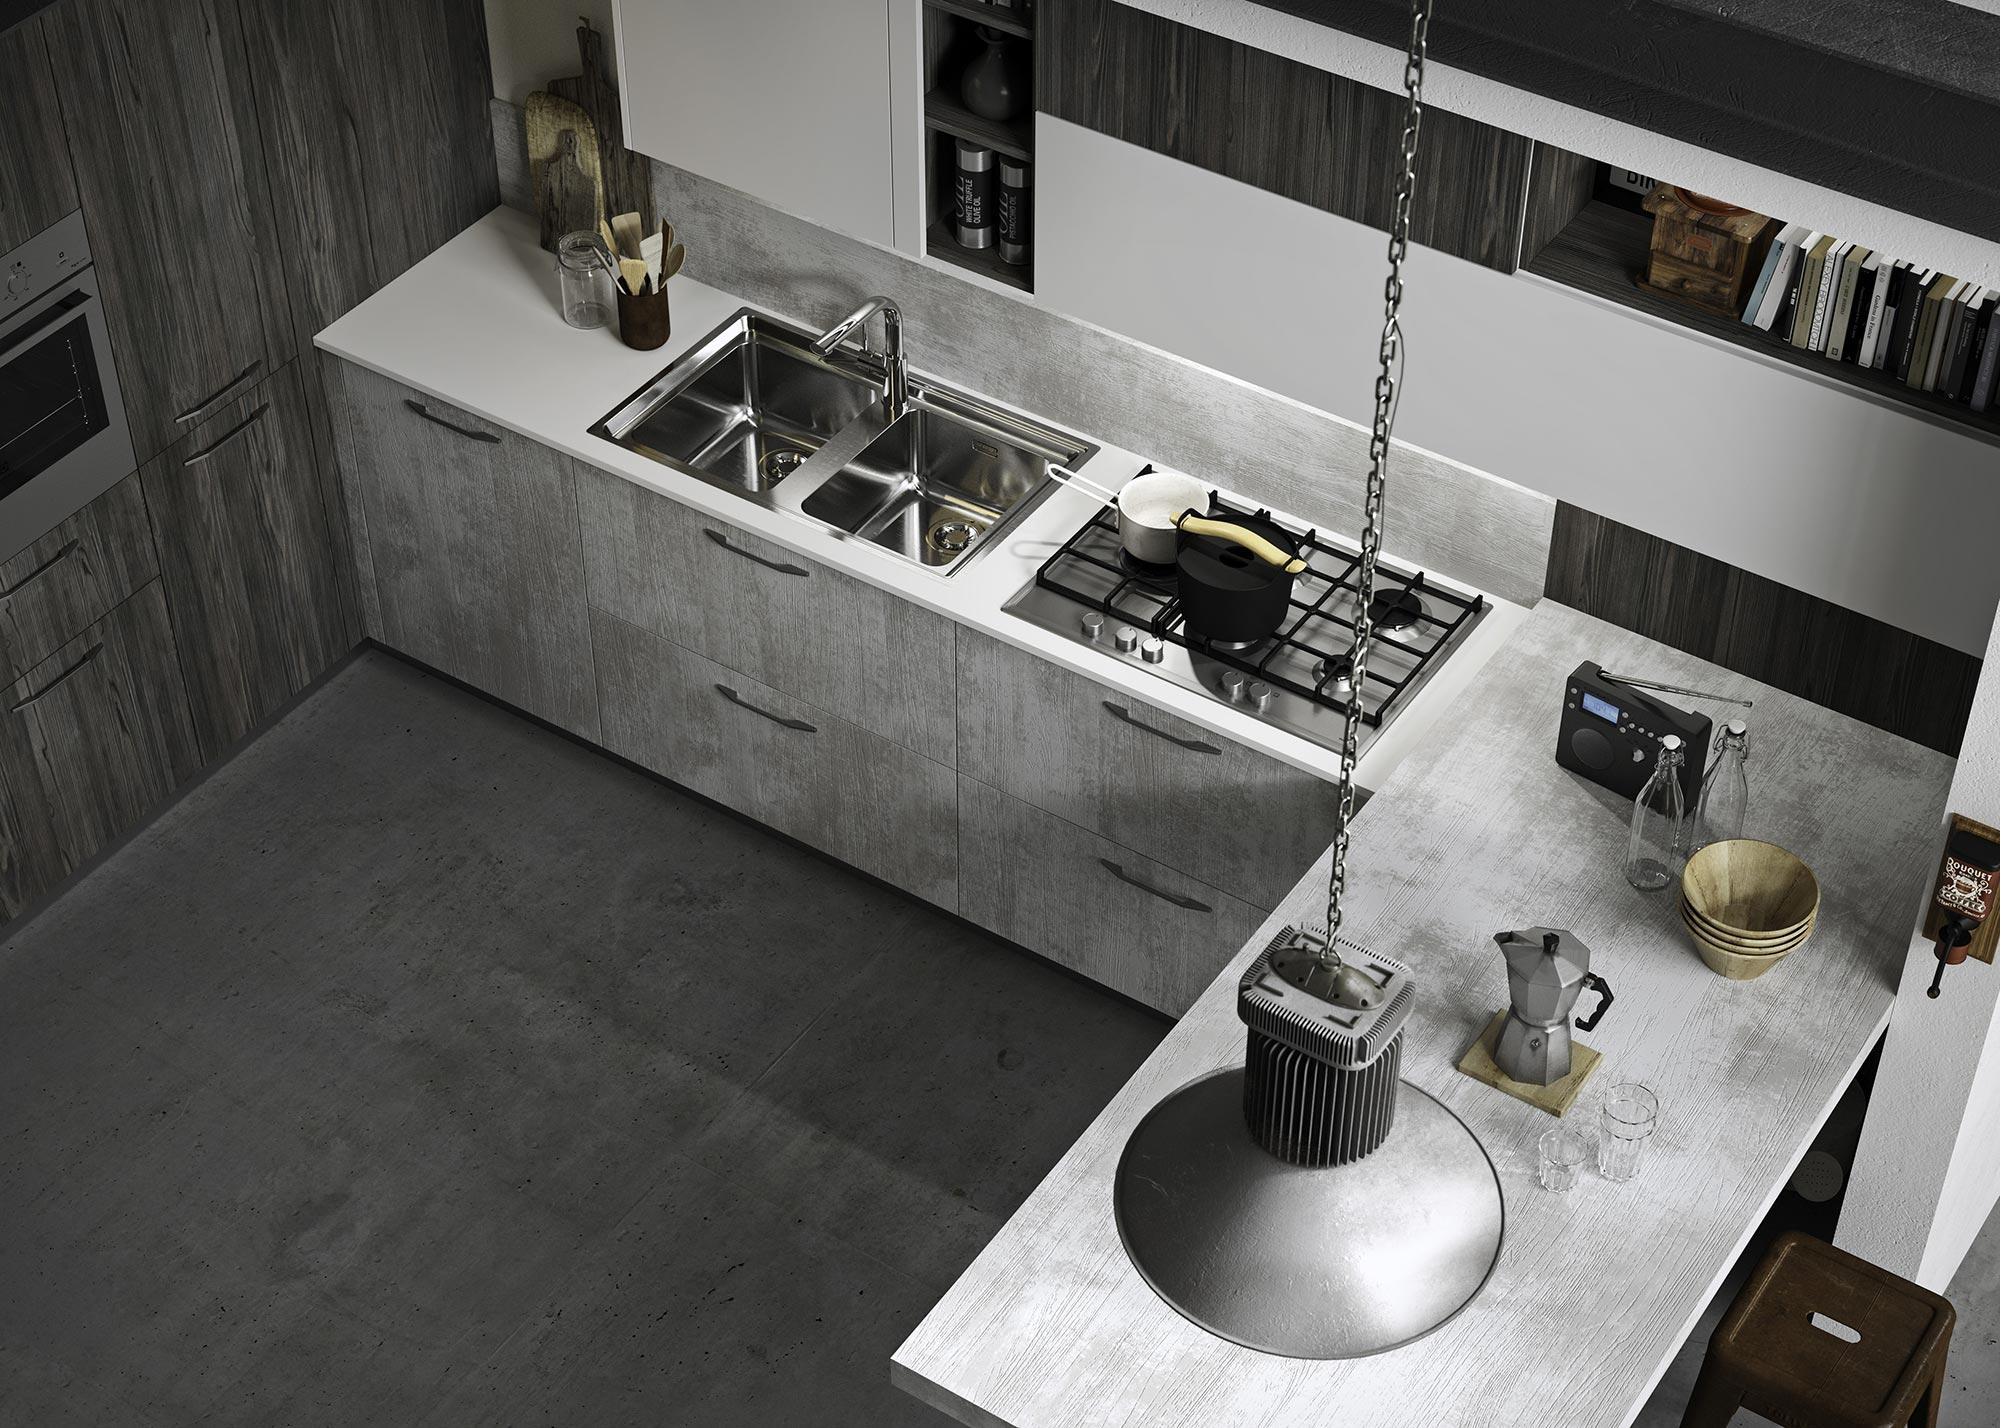 cucina-dettaglio-Fun-rovere-beton-1